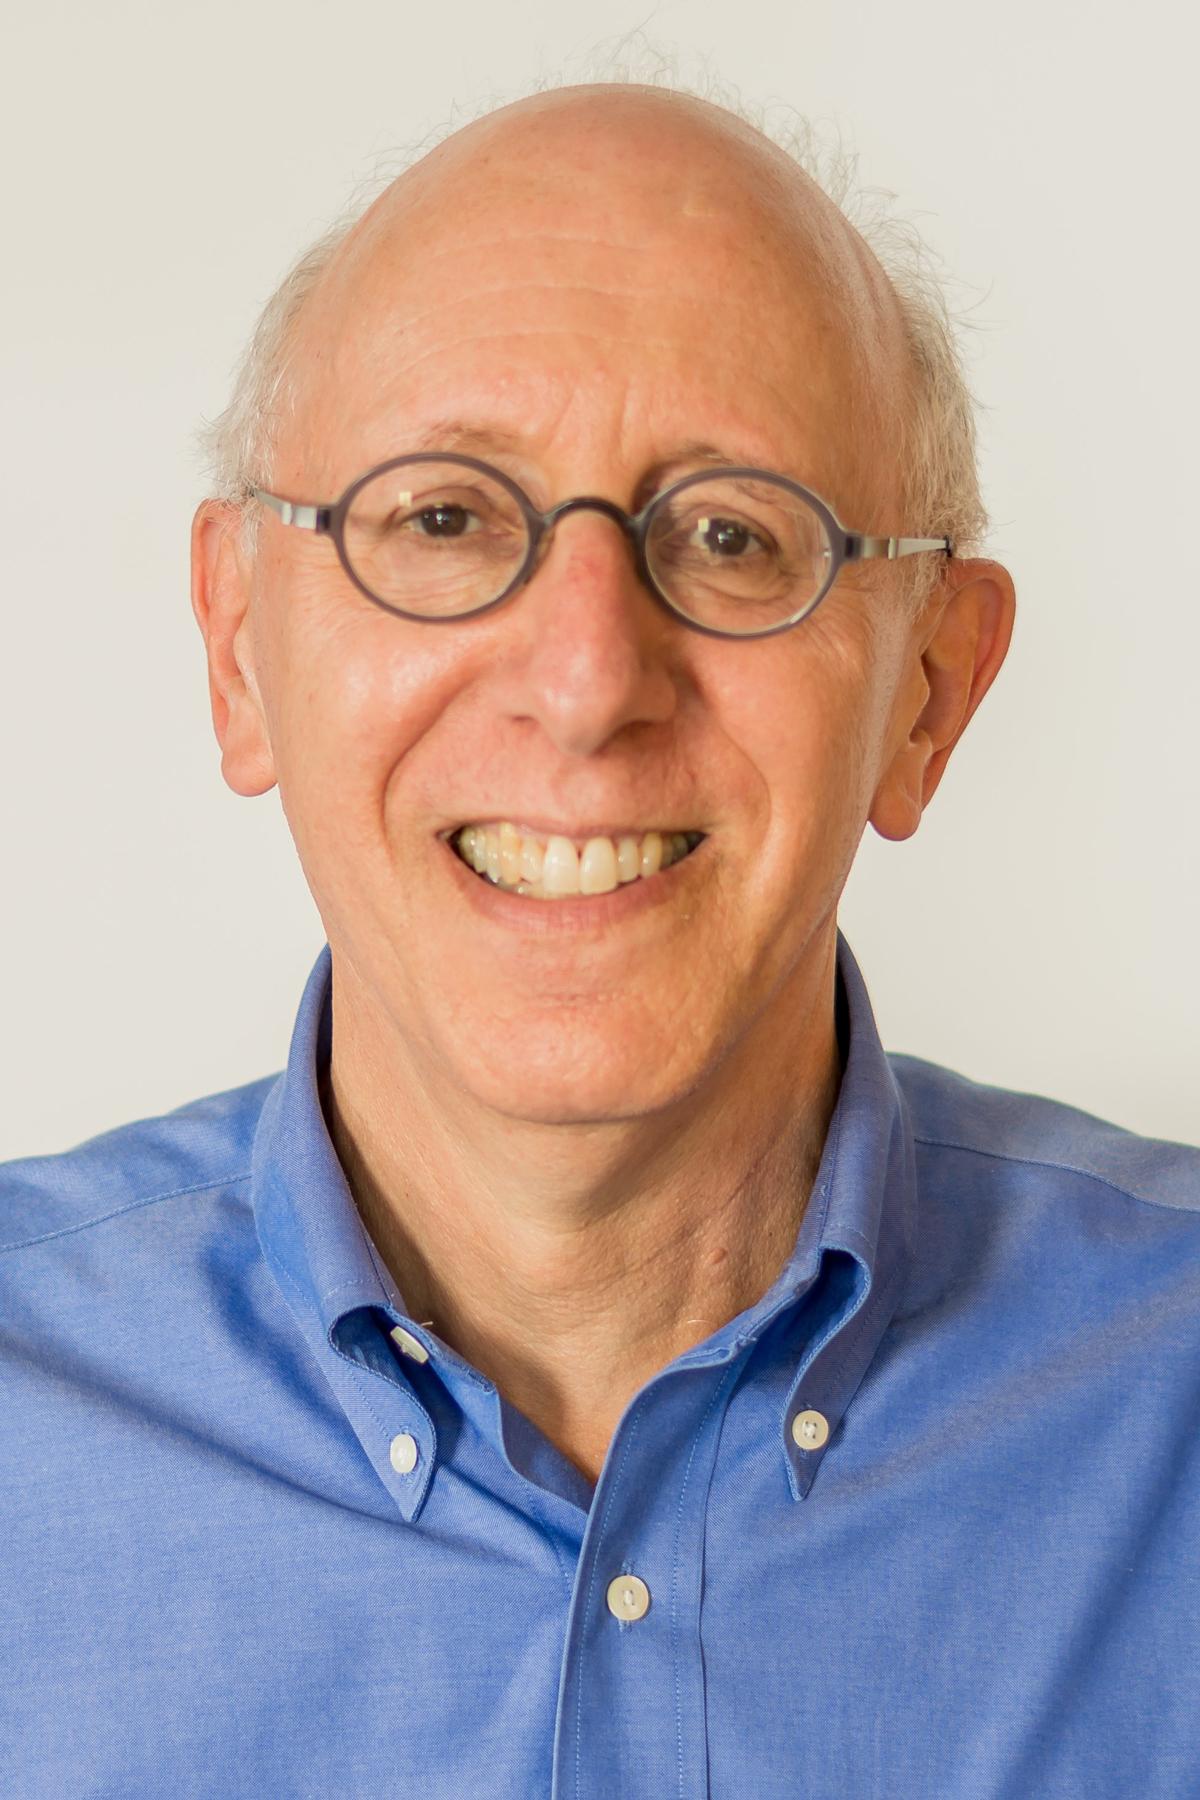 Yaakov Stern, PhD